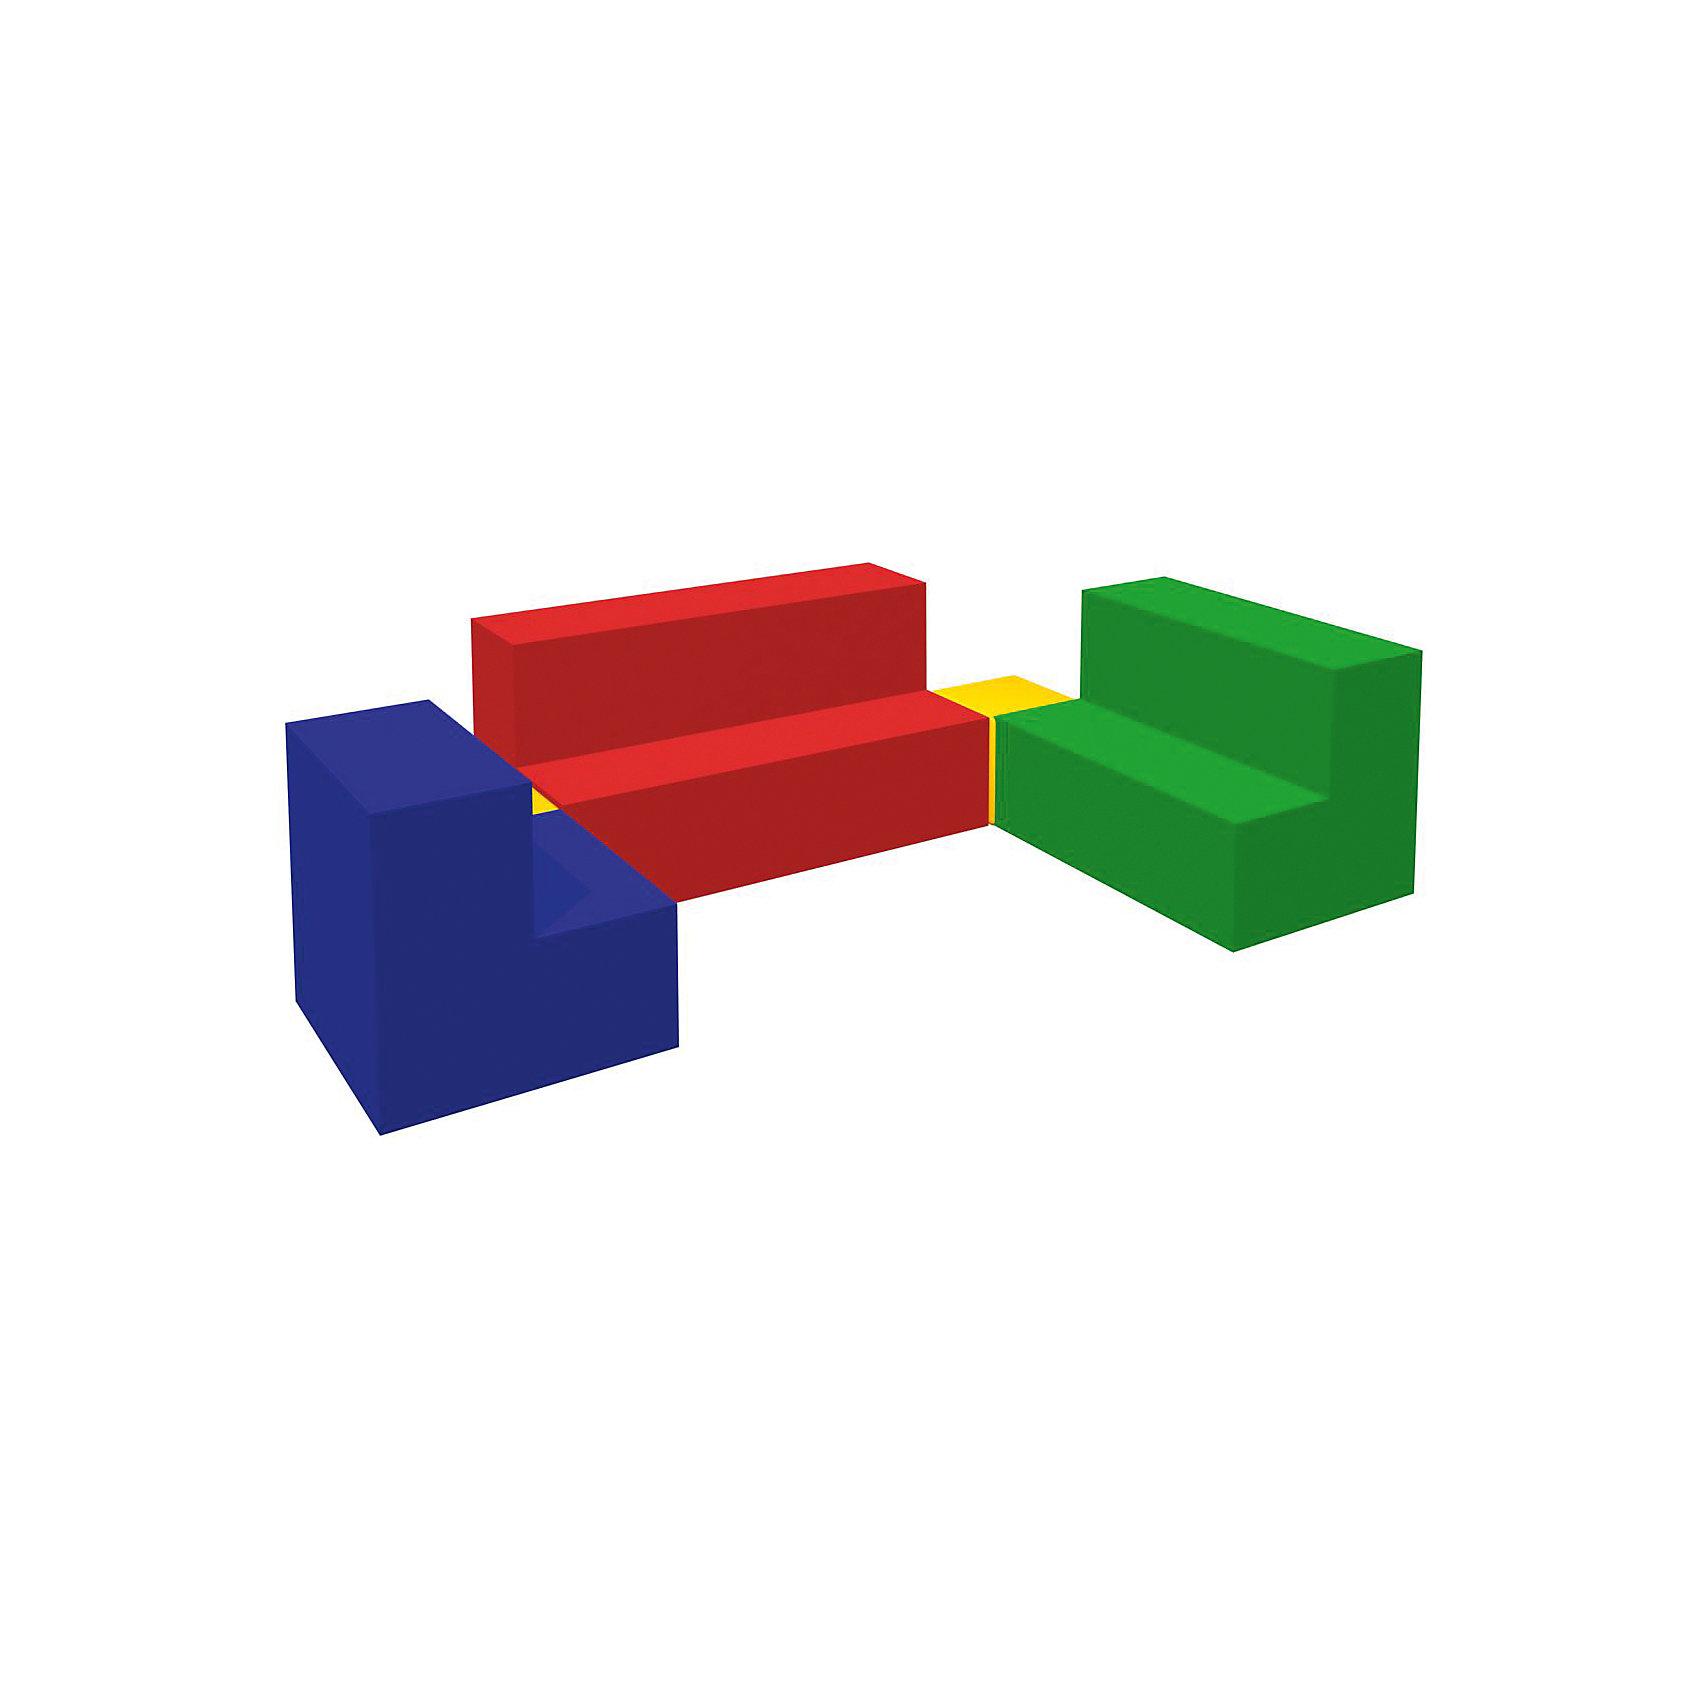 Игровой мягкий комплекс Мебель, RomanaМебель<br>Мягкий комплекс «Мебель» подойдет для игровых комнат. С помощью такой мебели ребенок познакомится с геометрическими формами, цветами и размерами.<br><br>Ширина мм: 1600<br>Глубина мм: 1000<br>Высота мм: 400<br>Вес г: 6500<br>Возраст от месяцев: 36<br>Возраст до месяцев: 60<br>Пол: Унисекс<br>Возраст: Детский<br>SKU: 6742454